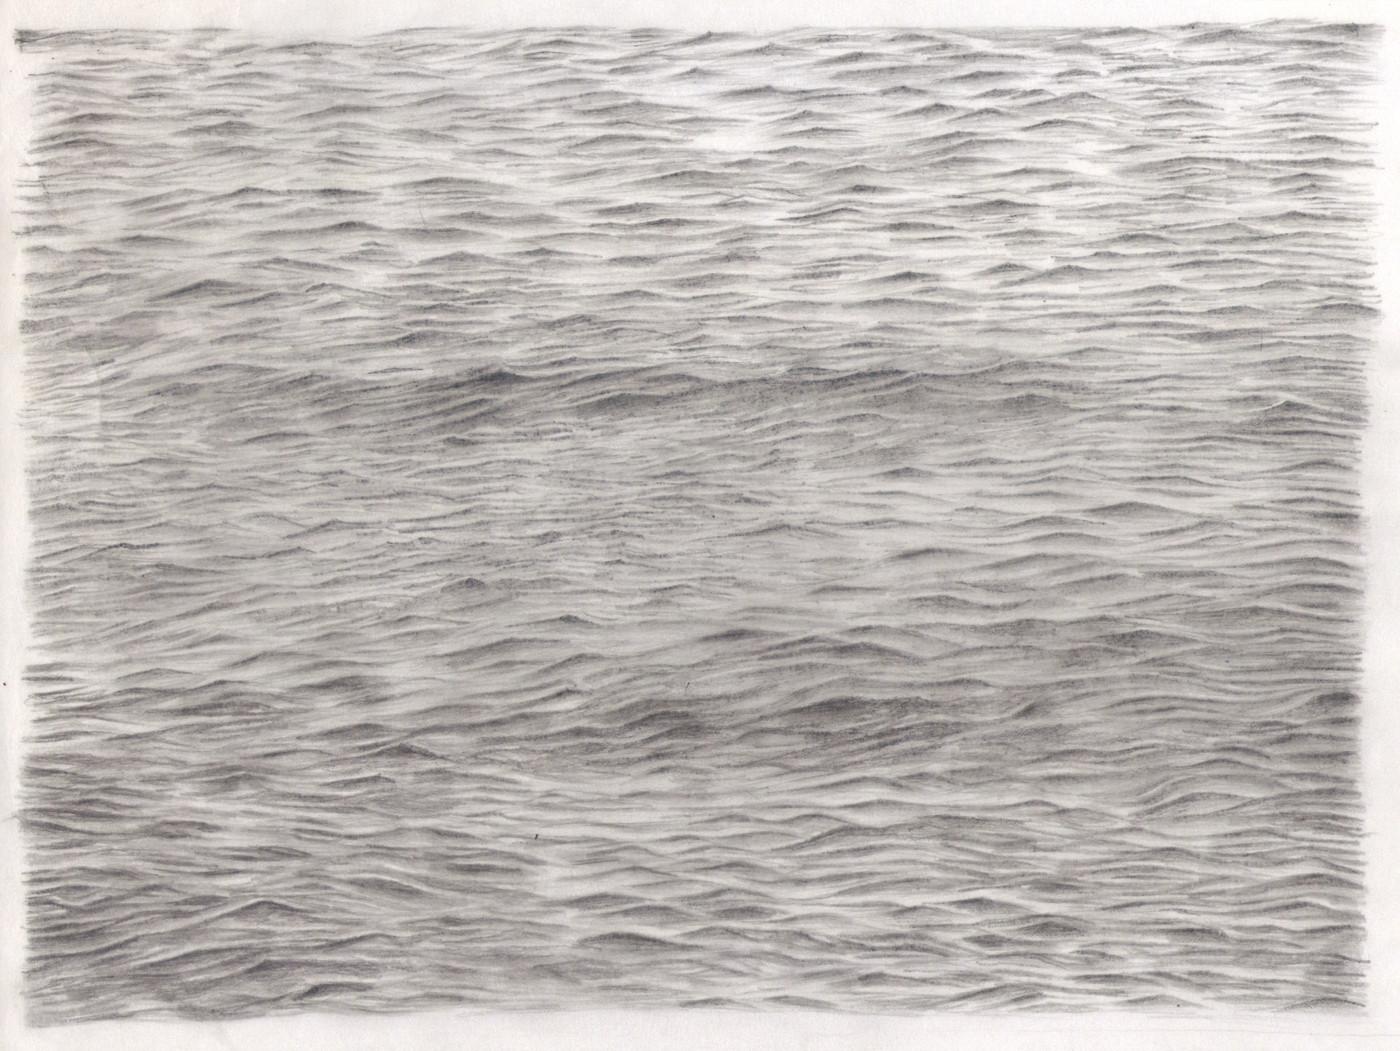 Inno al mare